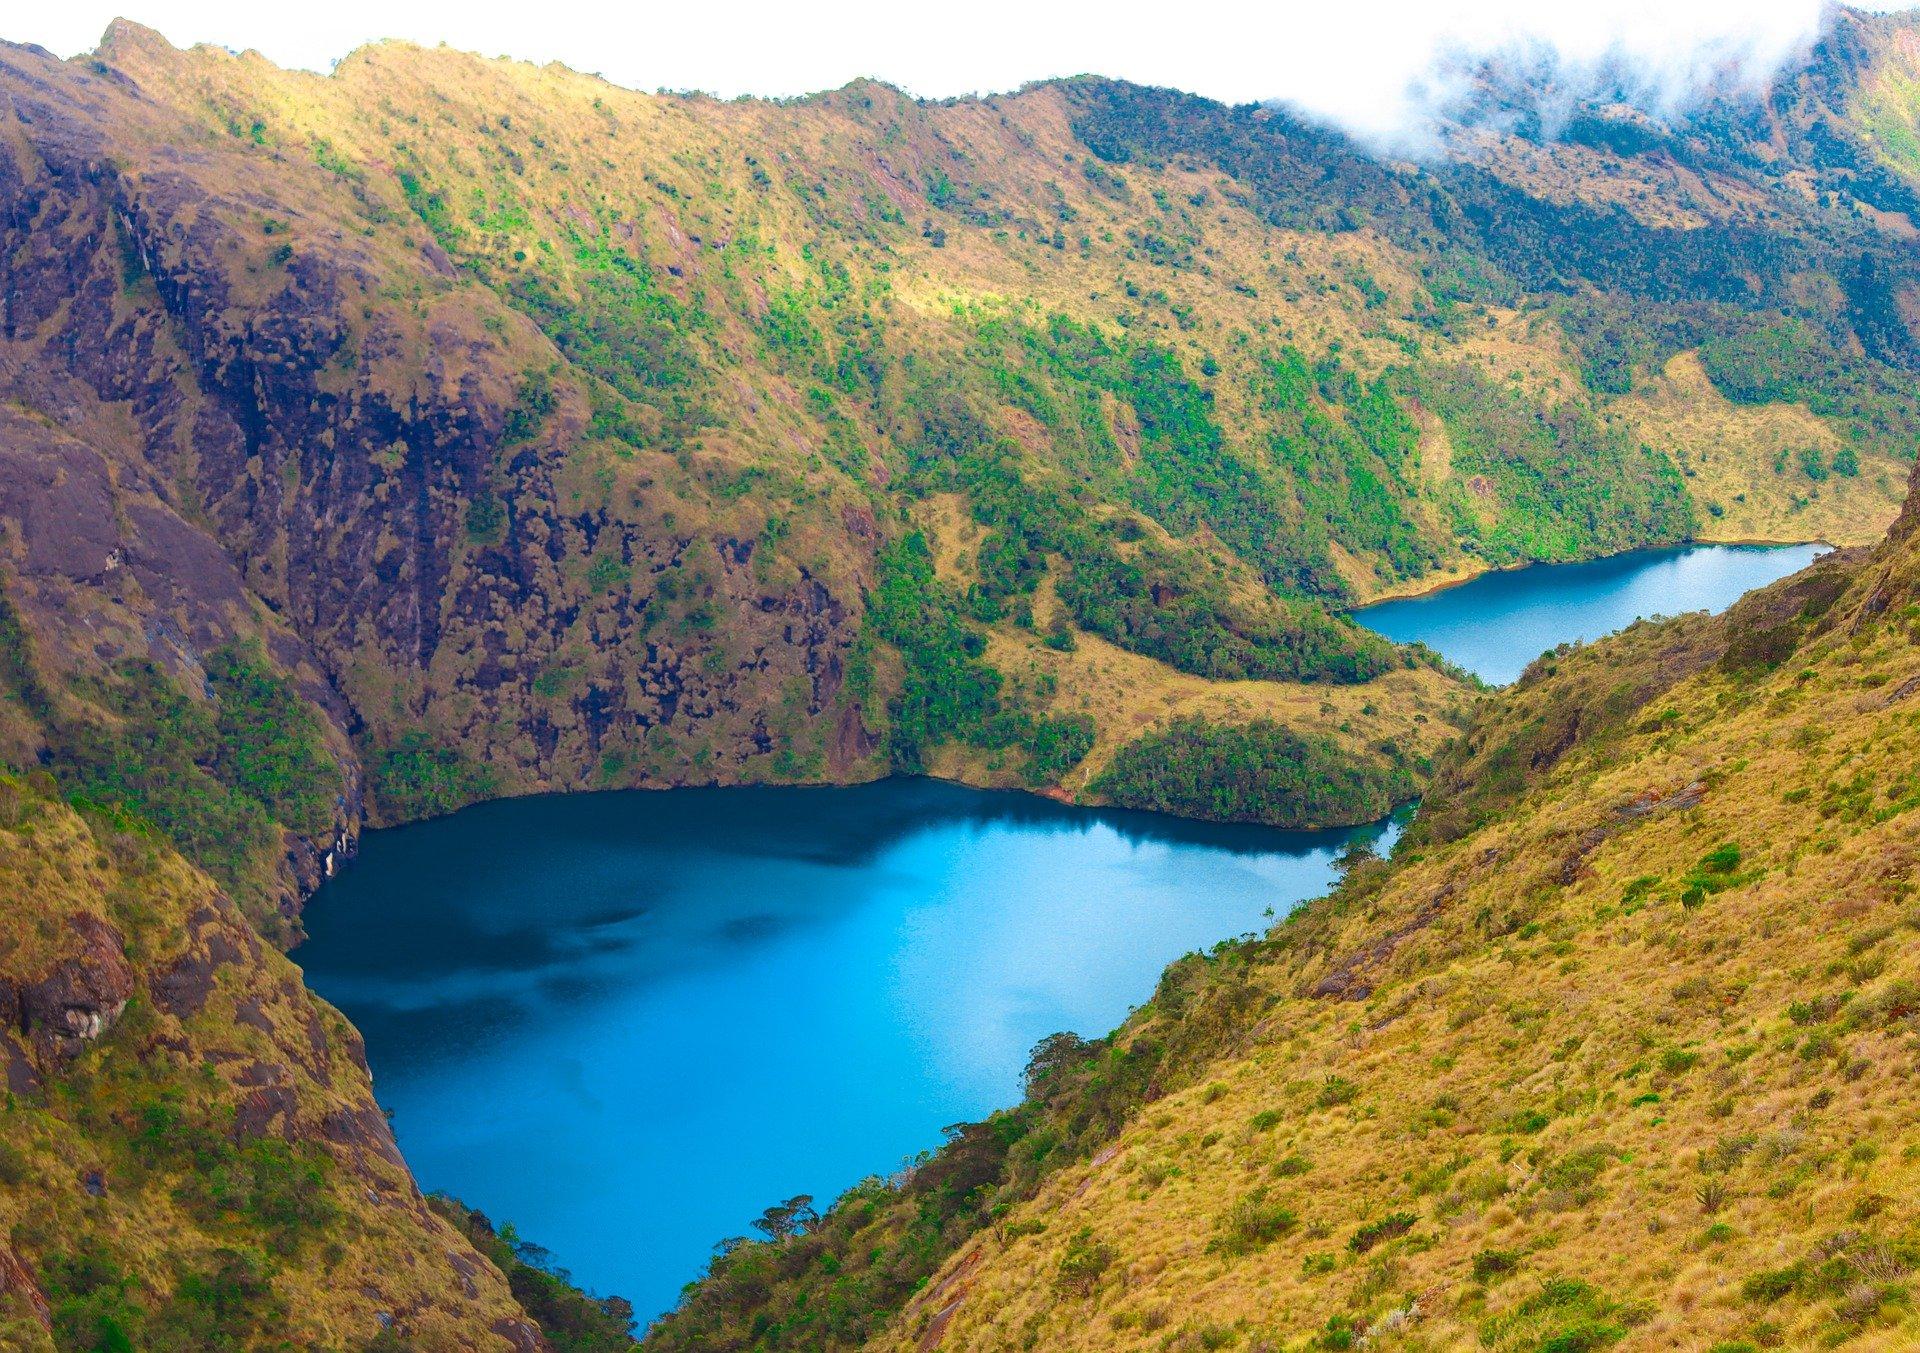 destinasi wisata papua selain pantai yang harus diketahui